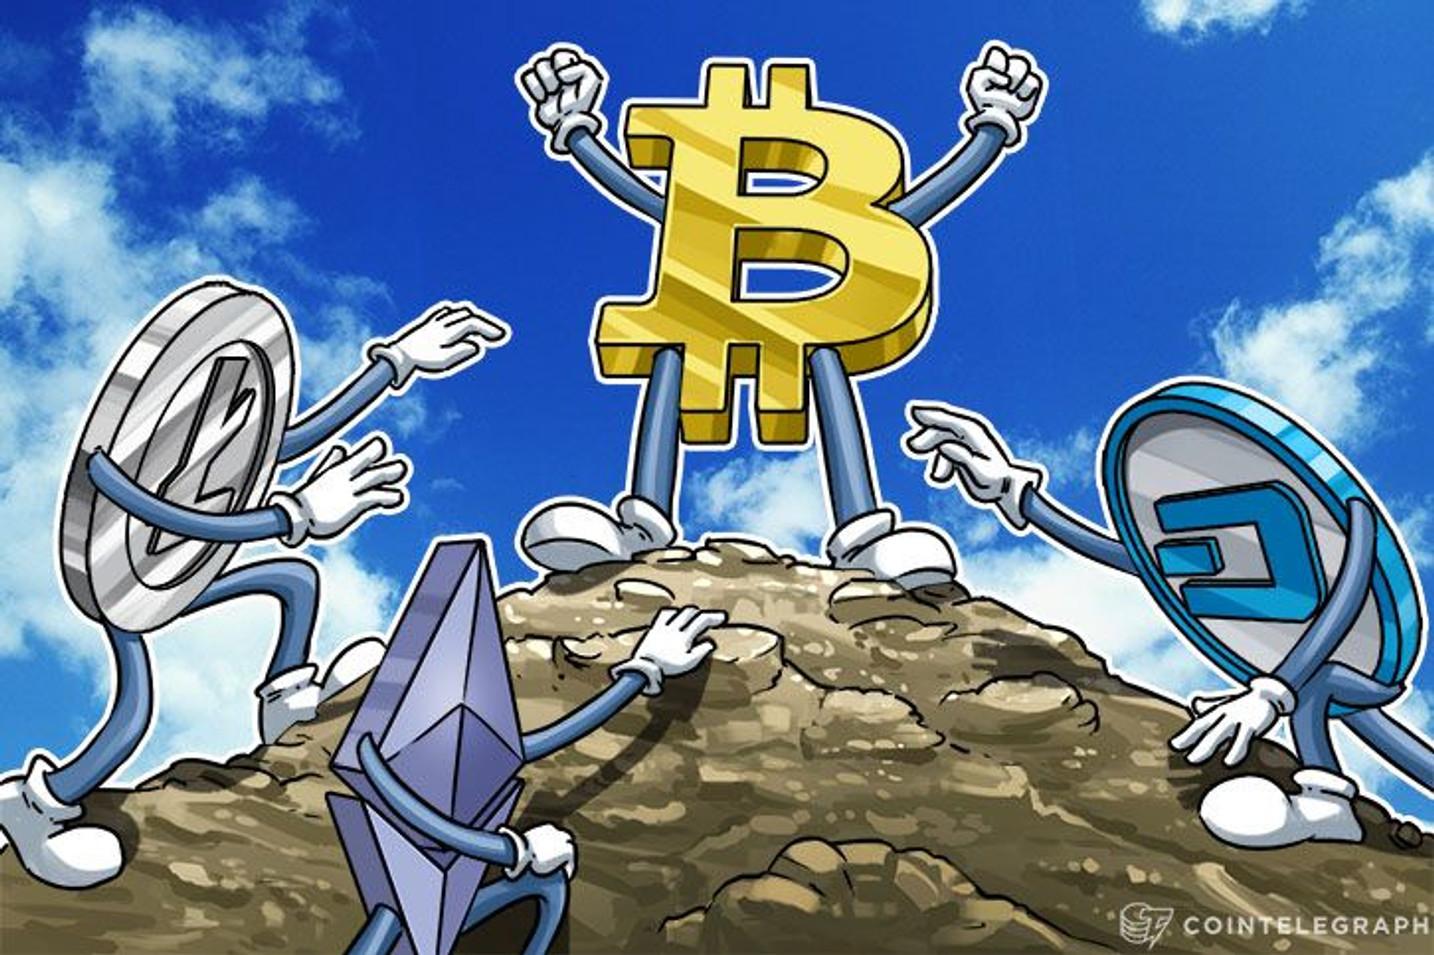 Preço do Bitcoin Arrebenta, destruindo a Marca Histórica de US$ 3.000, Hodlers Recompensados